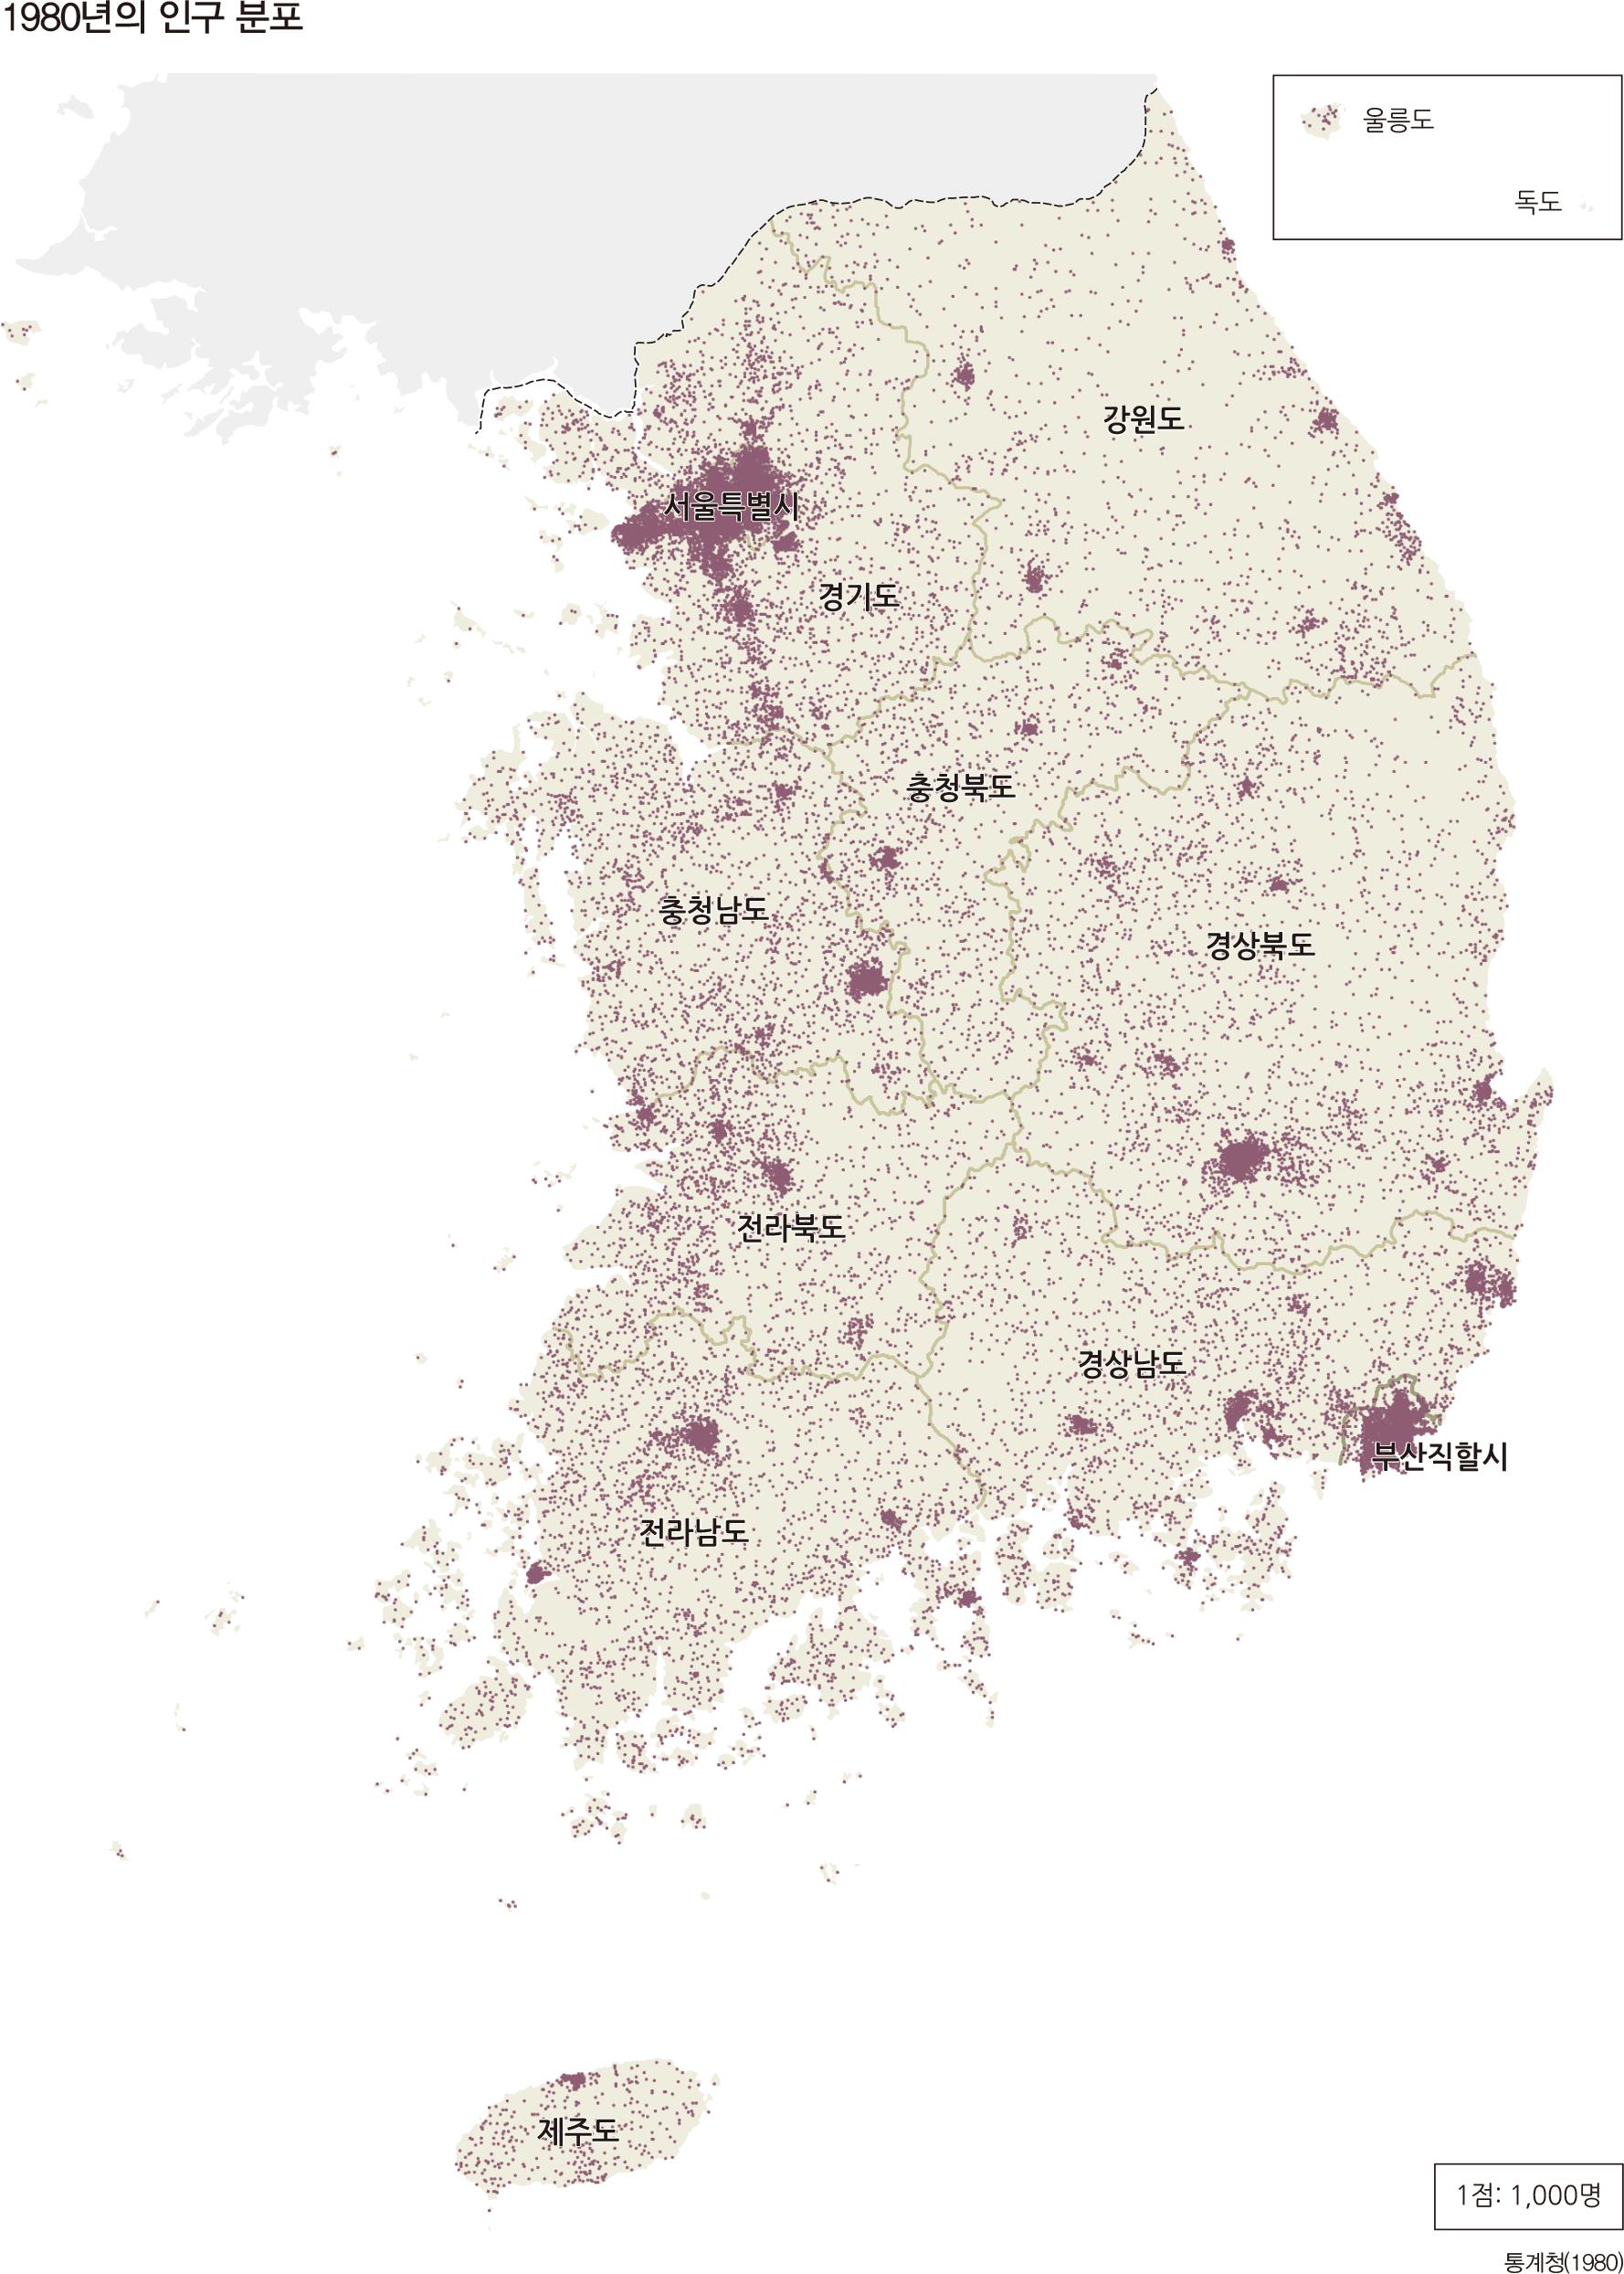 1980년의 인구 분포